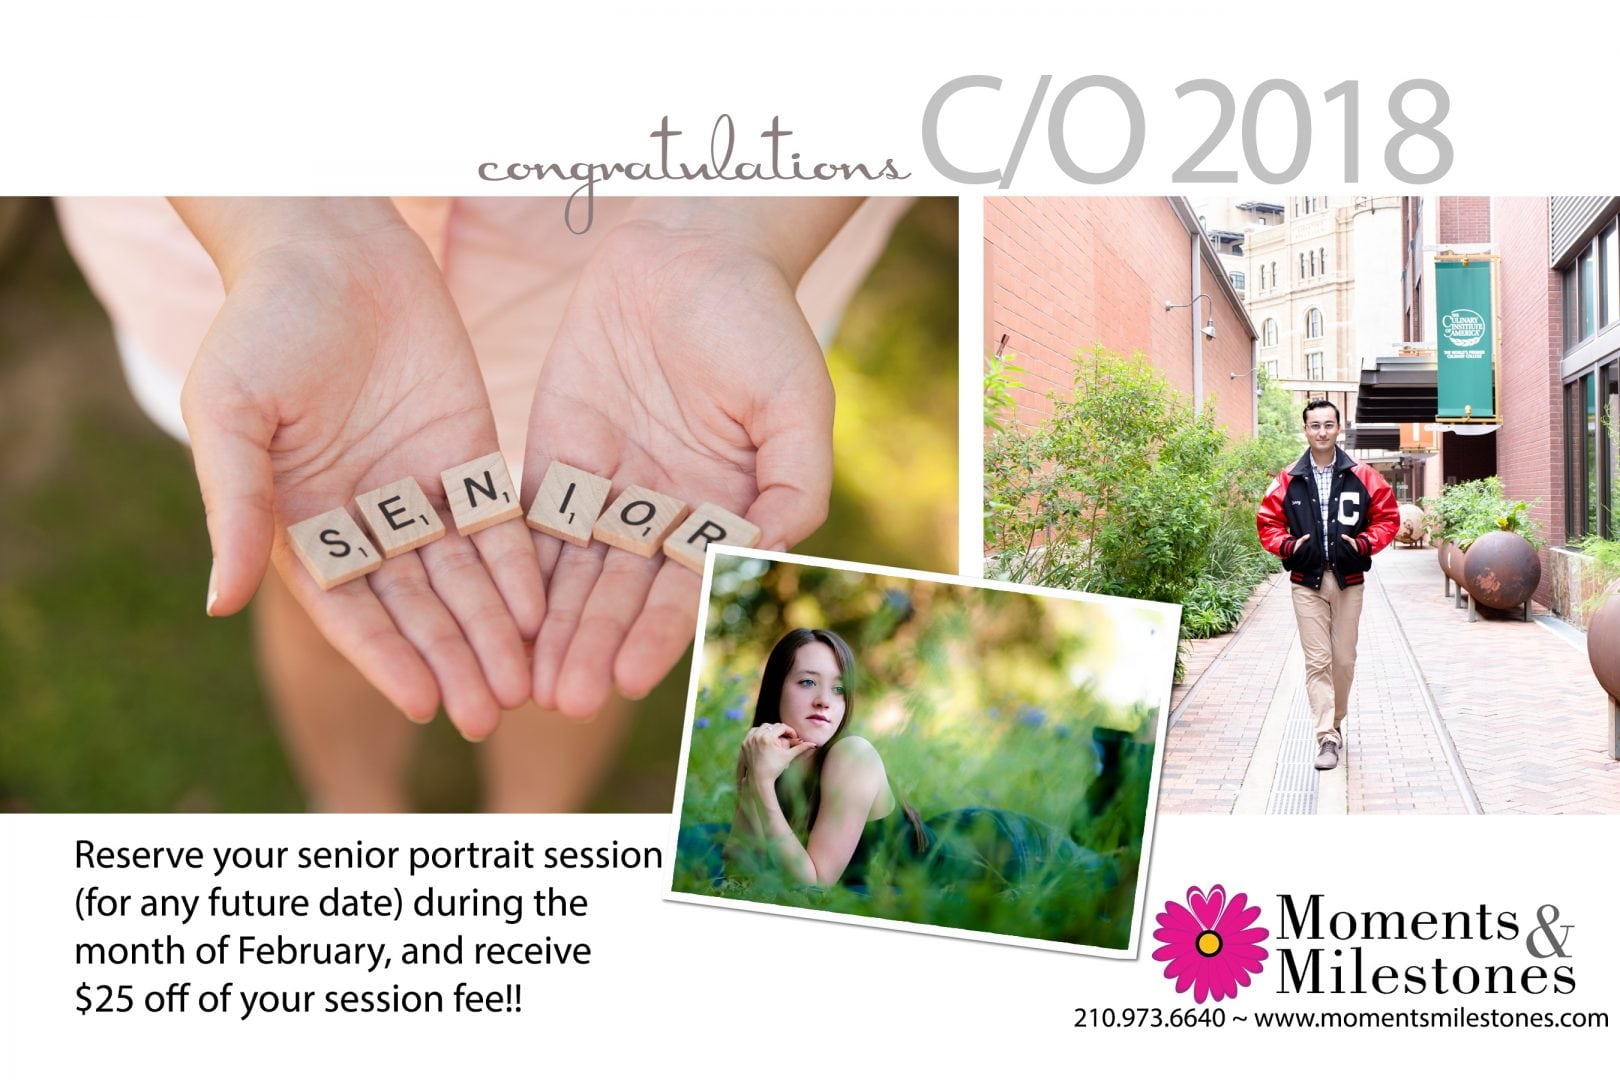 HS Senior Portrait Session Discount!